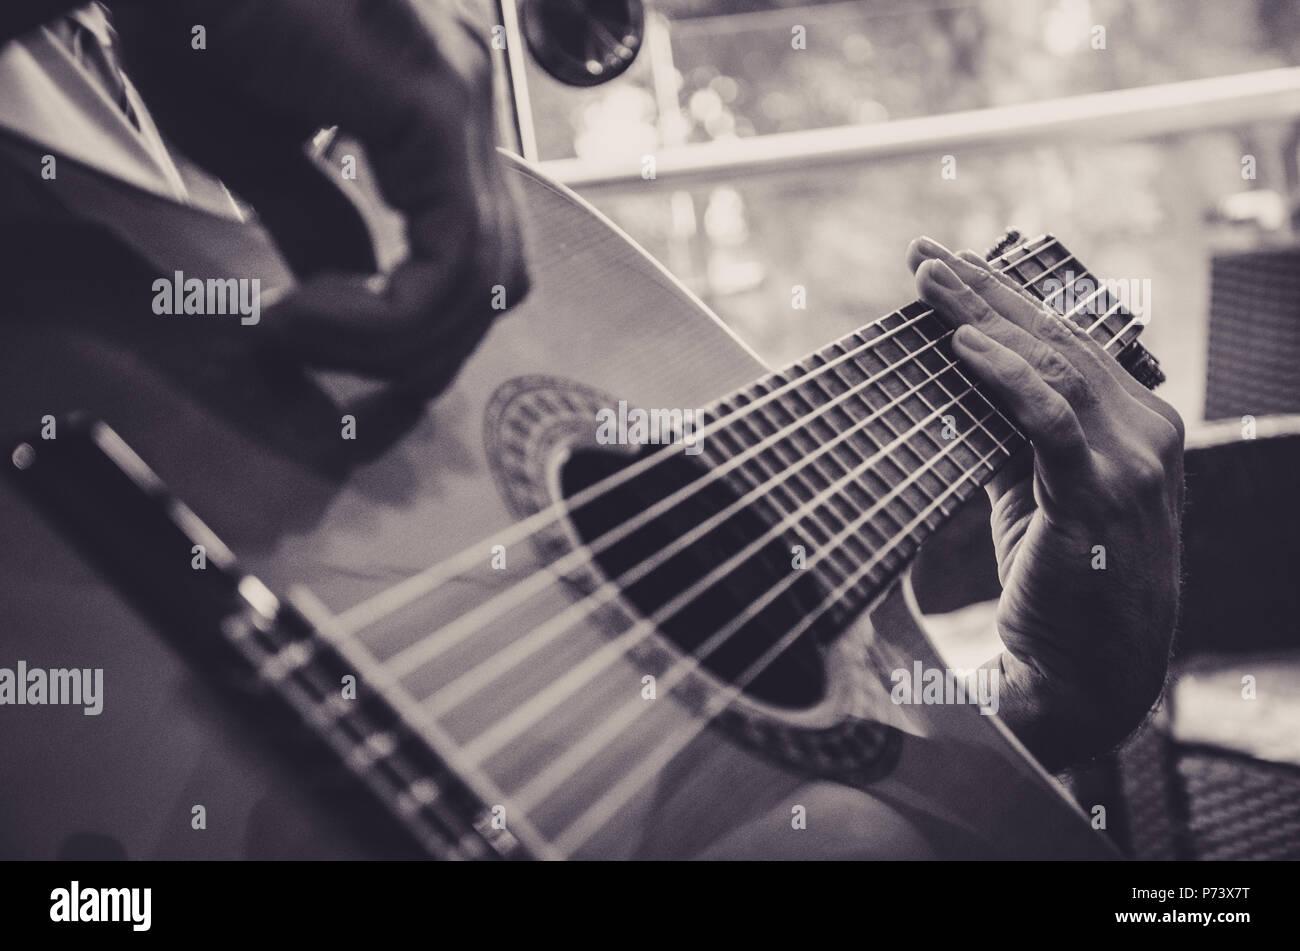 Fermé plan où vous pouvez voir les mains de l'artiste et de la guitare Banque D'Images